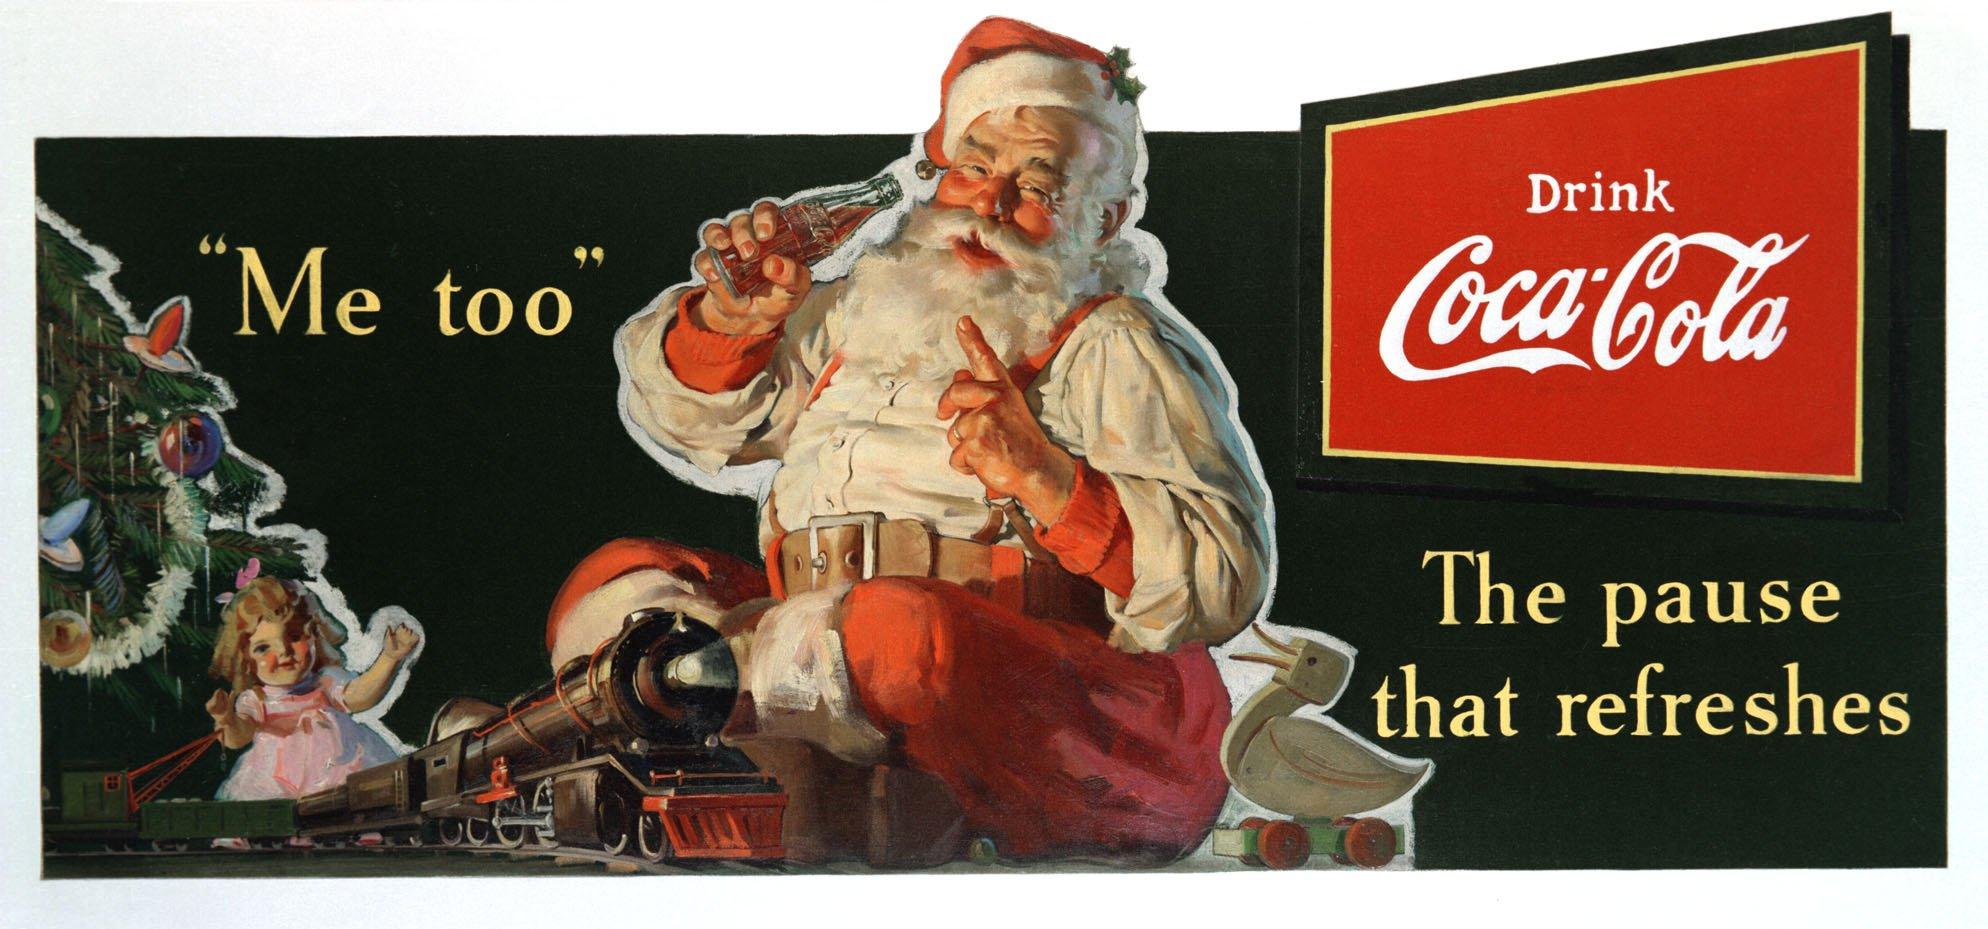 可口可乐创意海报和广告设计(3)图片